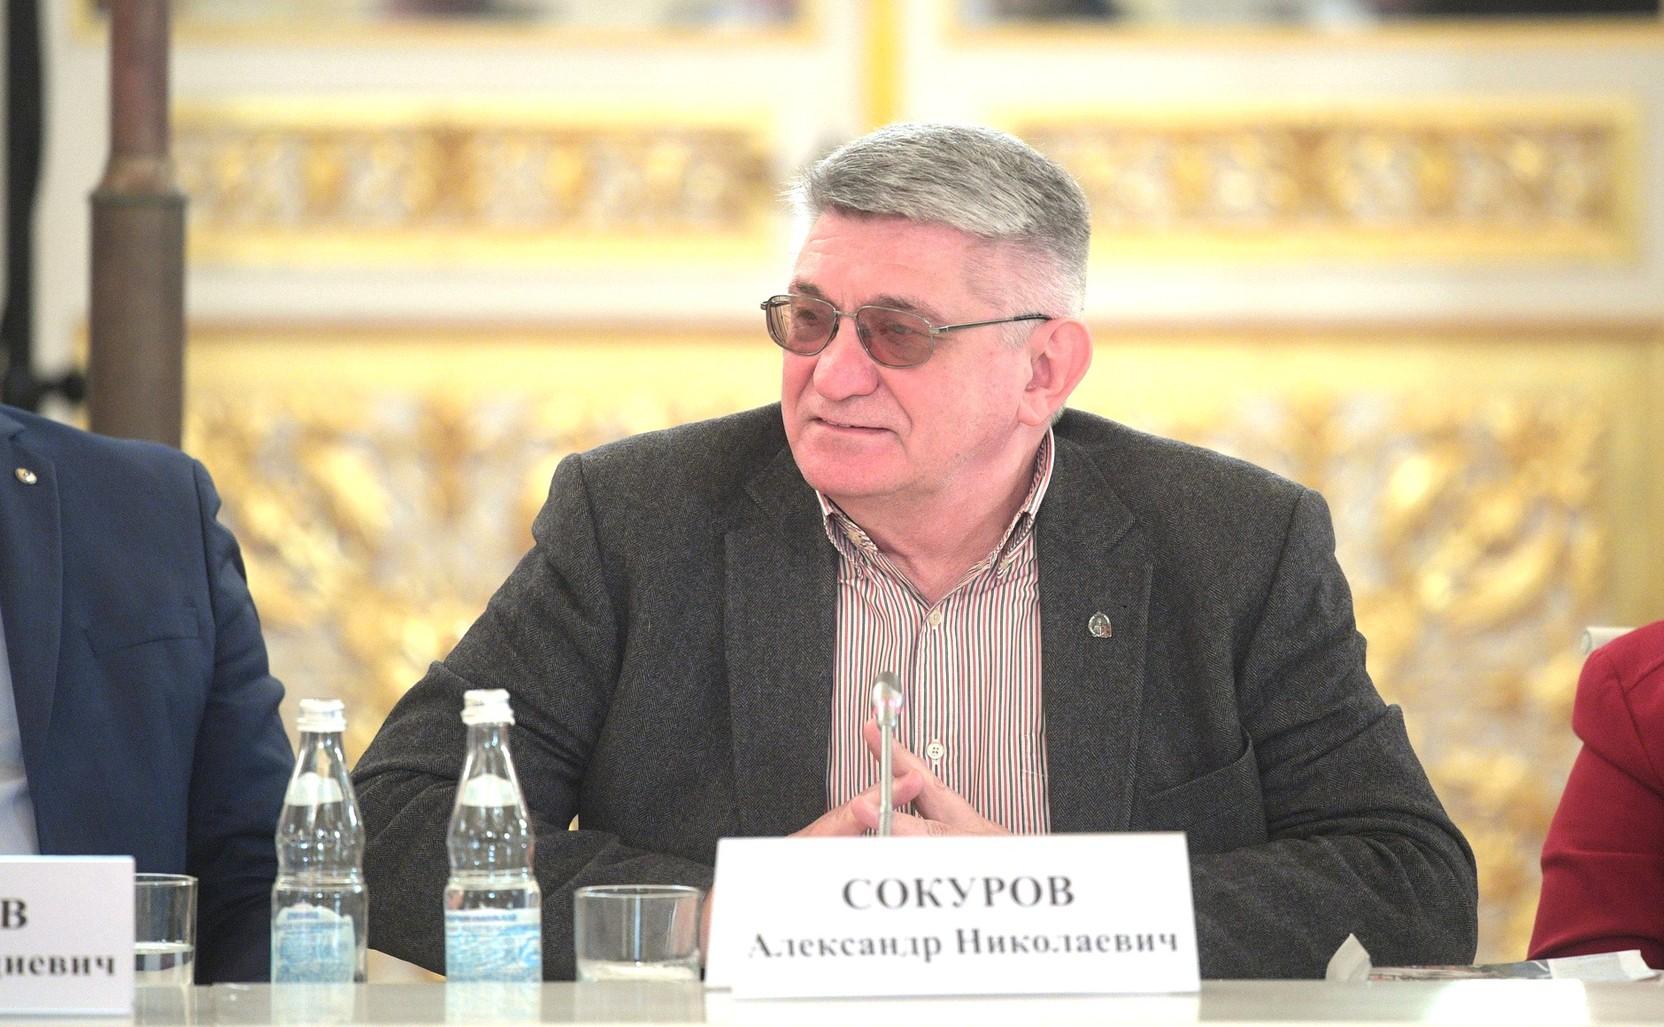 Народный артист России предложил отменить прокатные удостоверения для фильмов